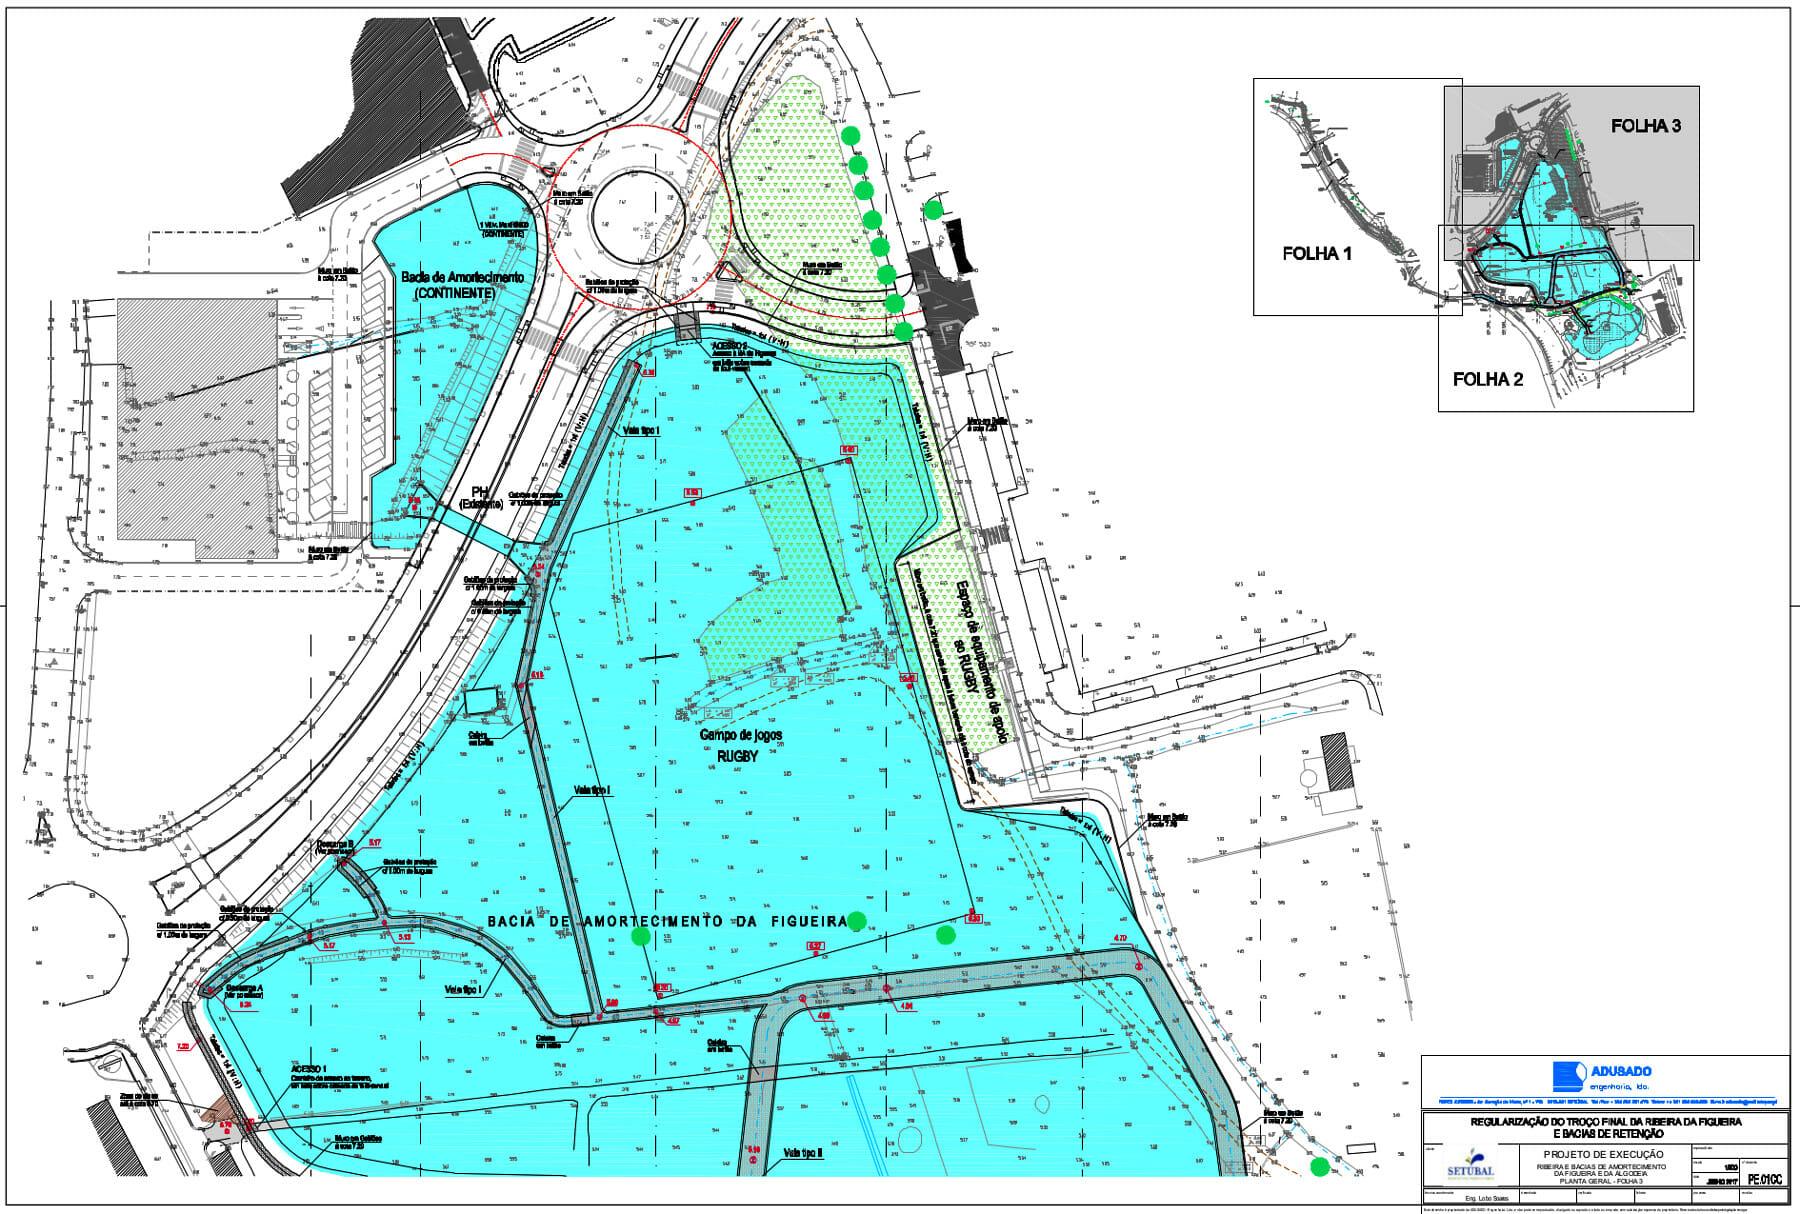 Obras de prevenção de cheias | Regularização do troço final da Ribeira da Figueira | Planta geral